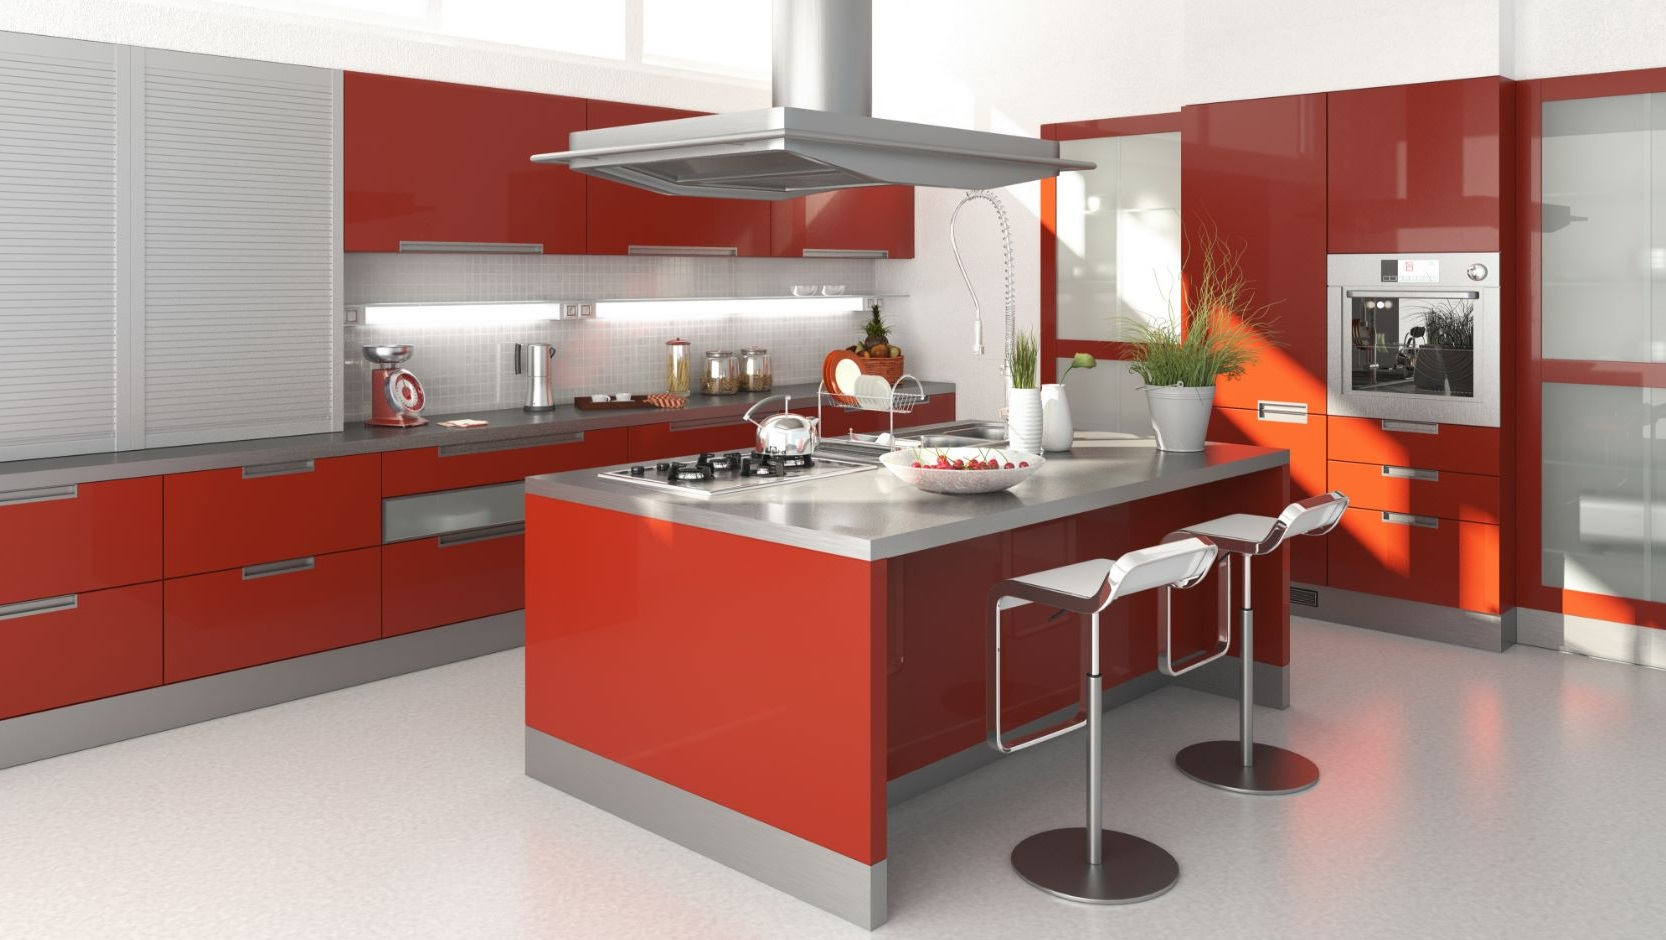 Alacenas de cocina moderna